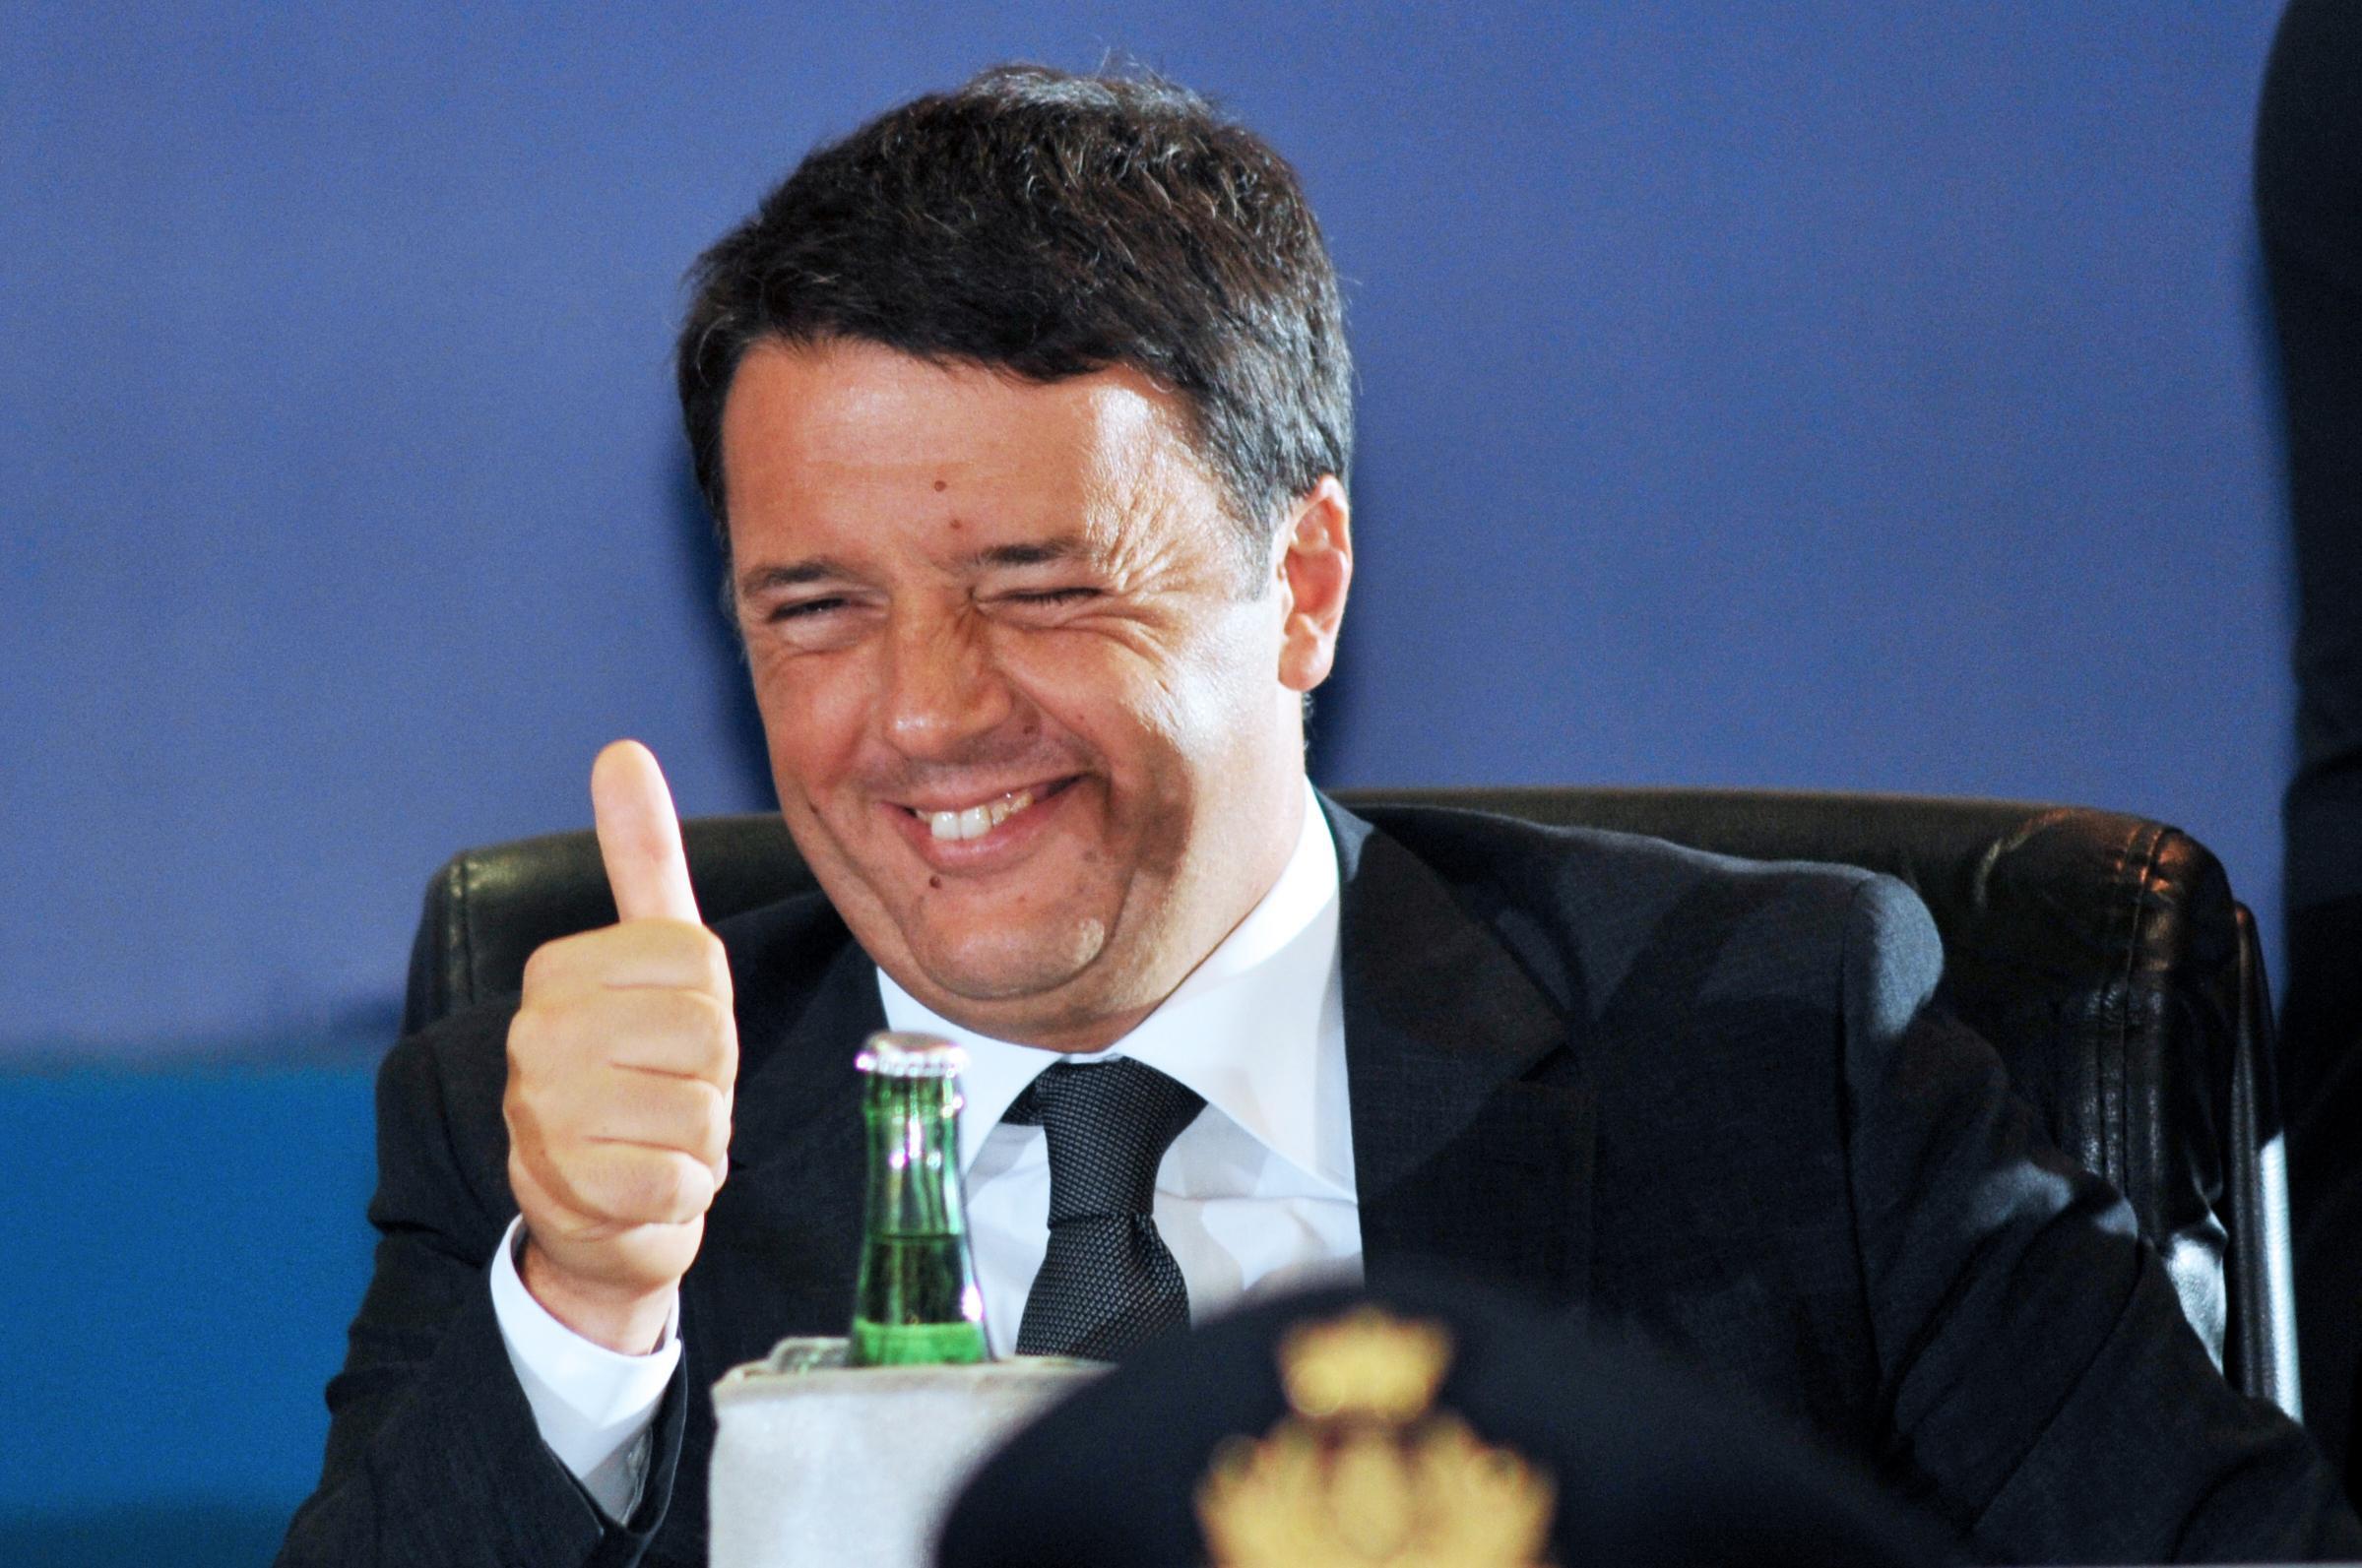 """Renzi in Tuscia: la solita politica dell'""""ottimismo facile"""" e degli """"annunci"""", ma dietro i sorrisi smaglianti il nulla"""